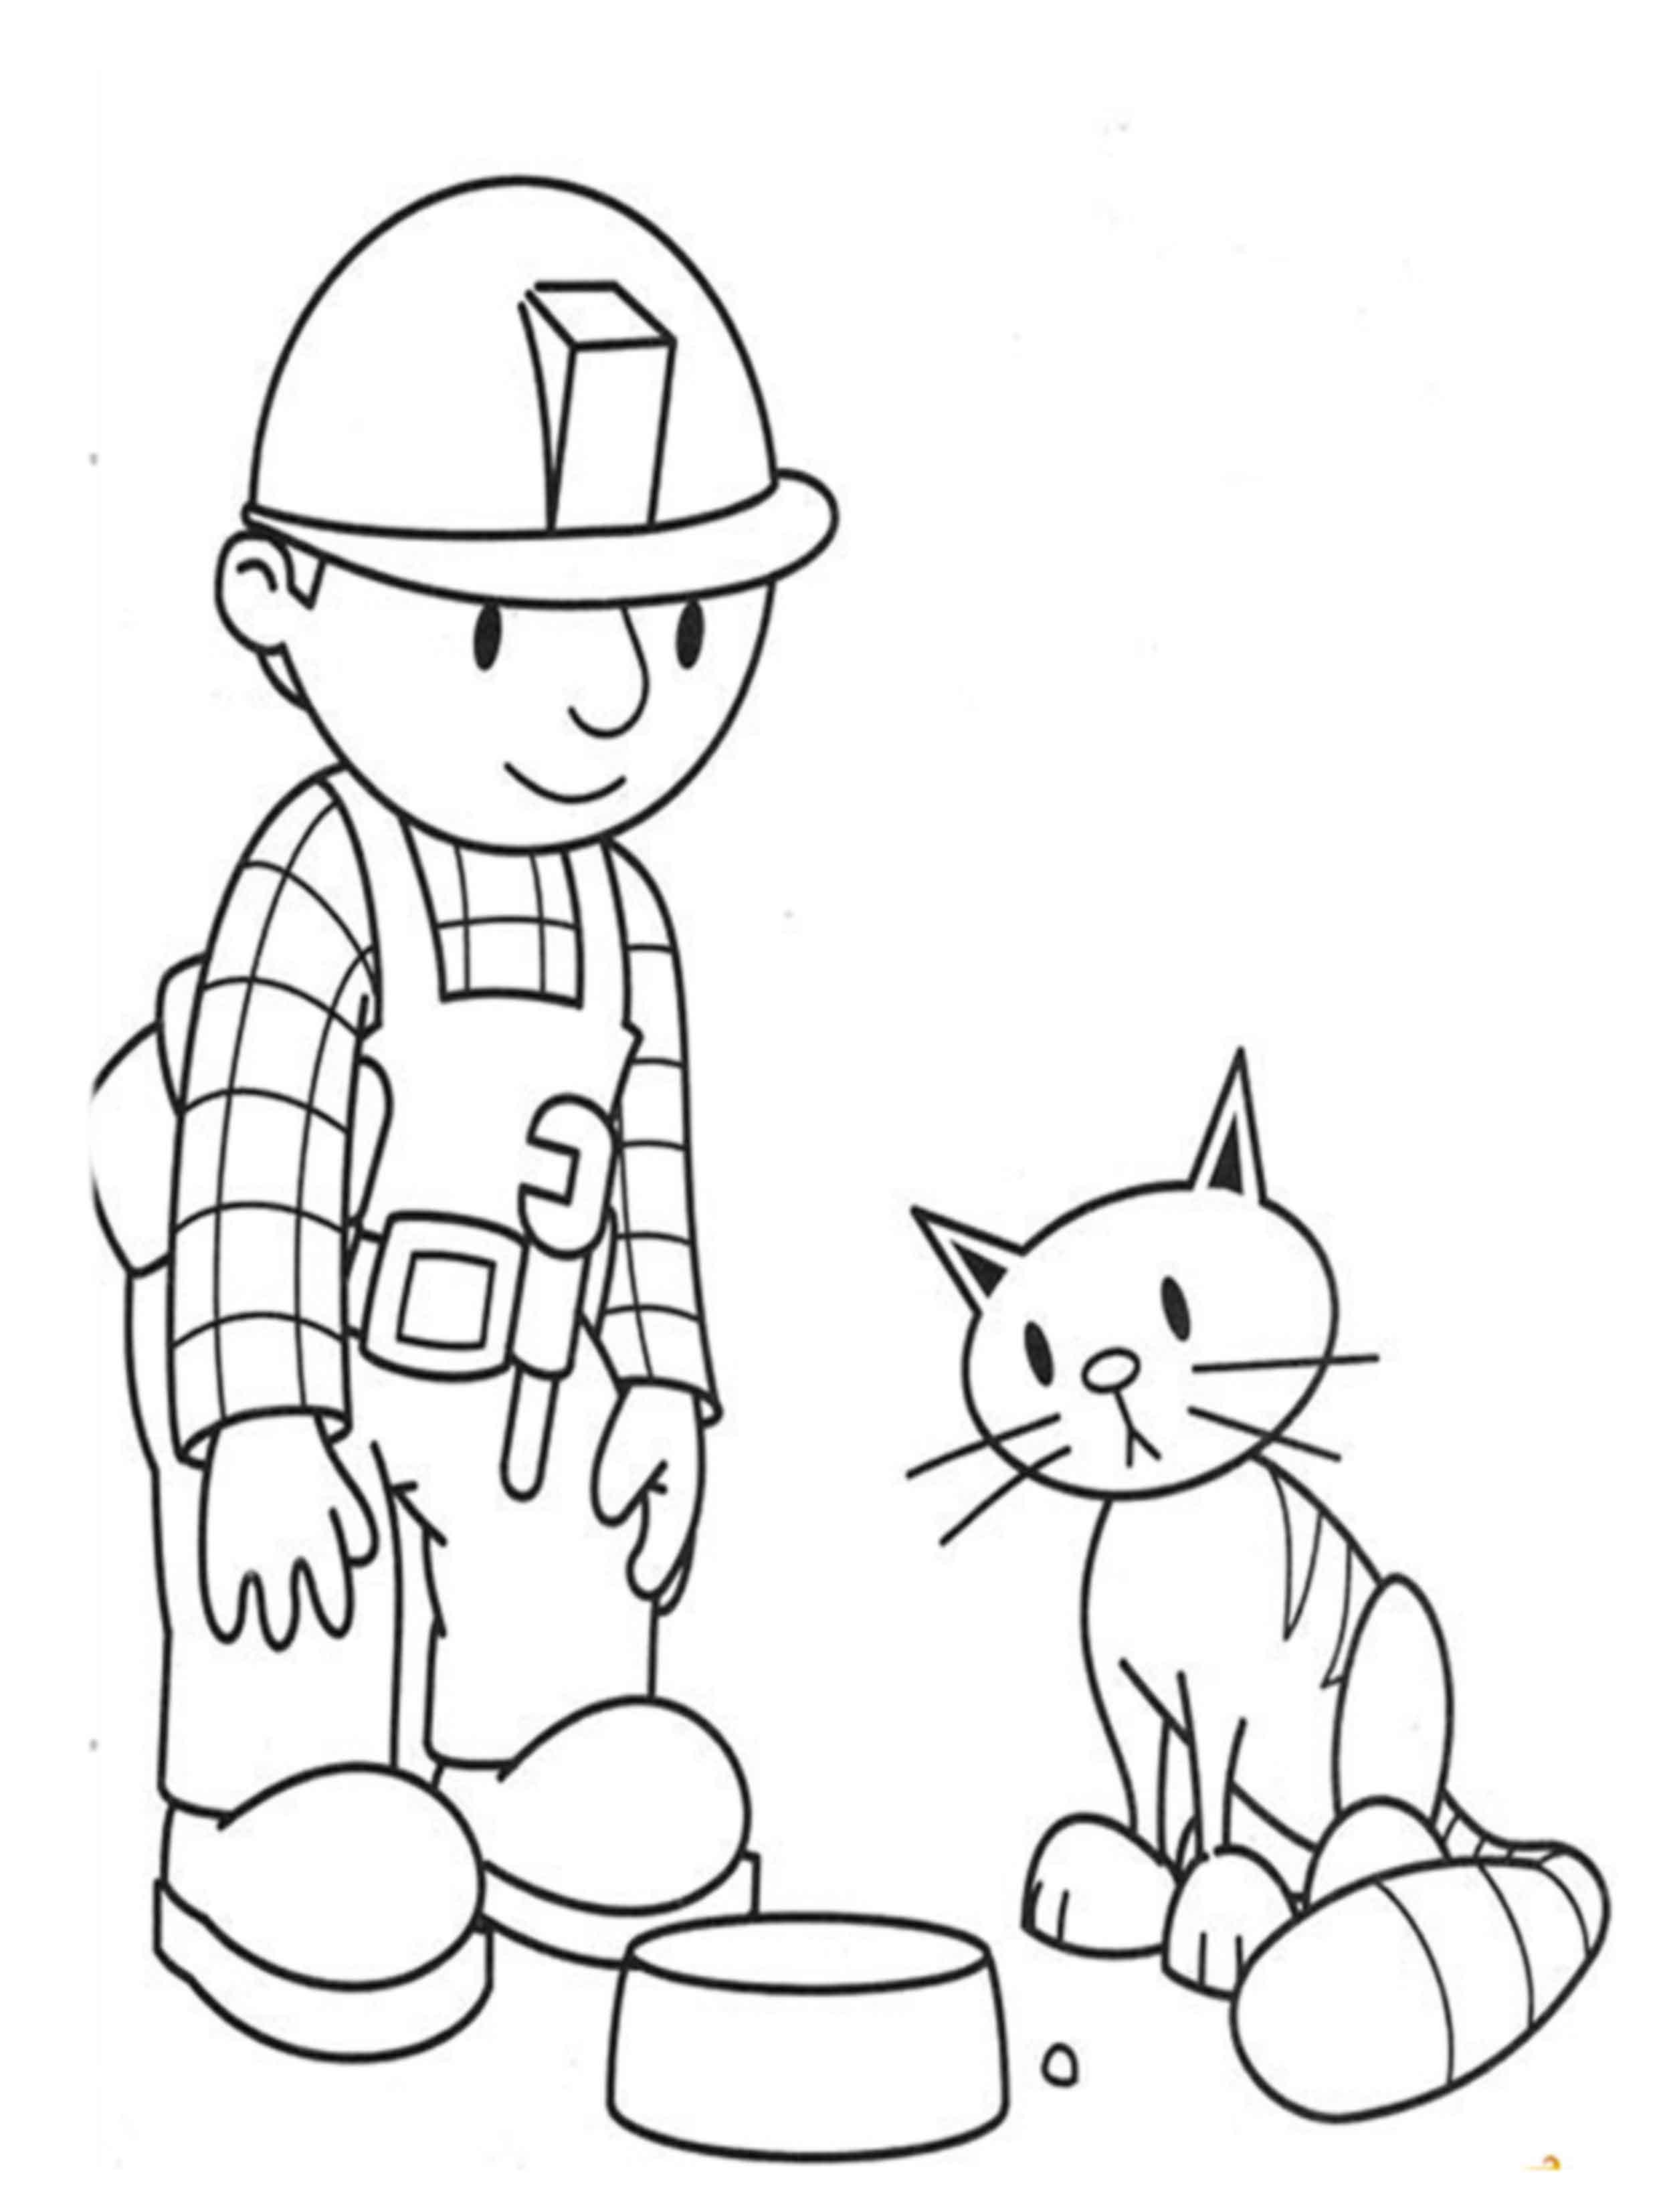 דפי צביעה של בוב הבנאי עם החתול